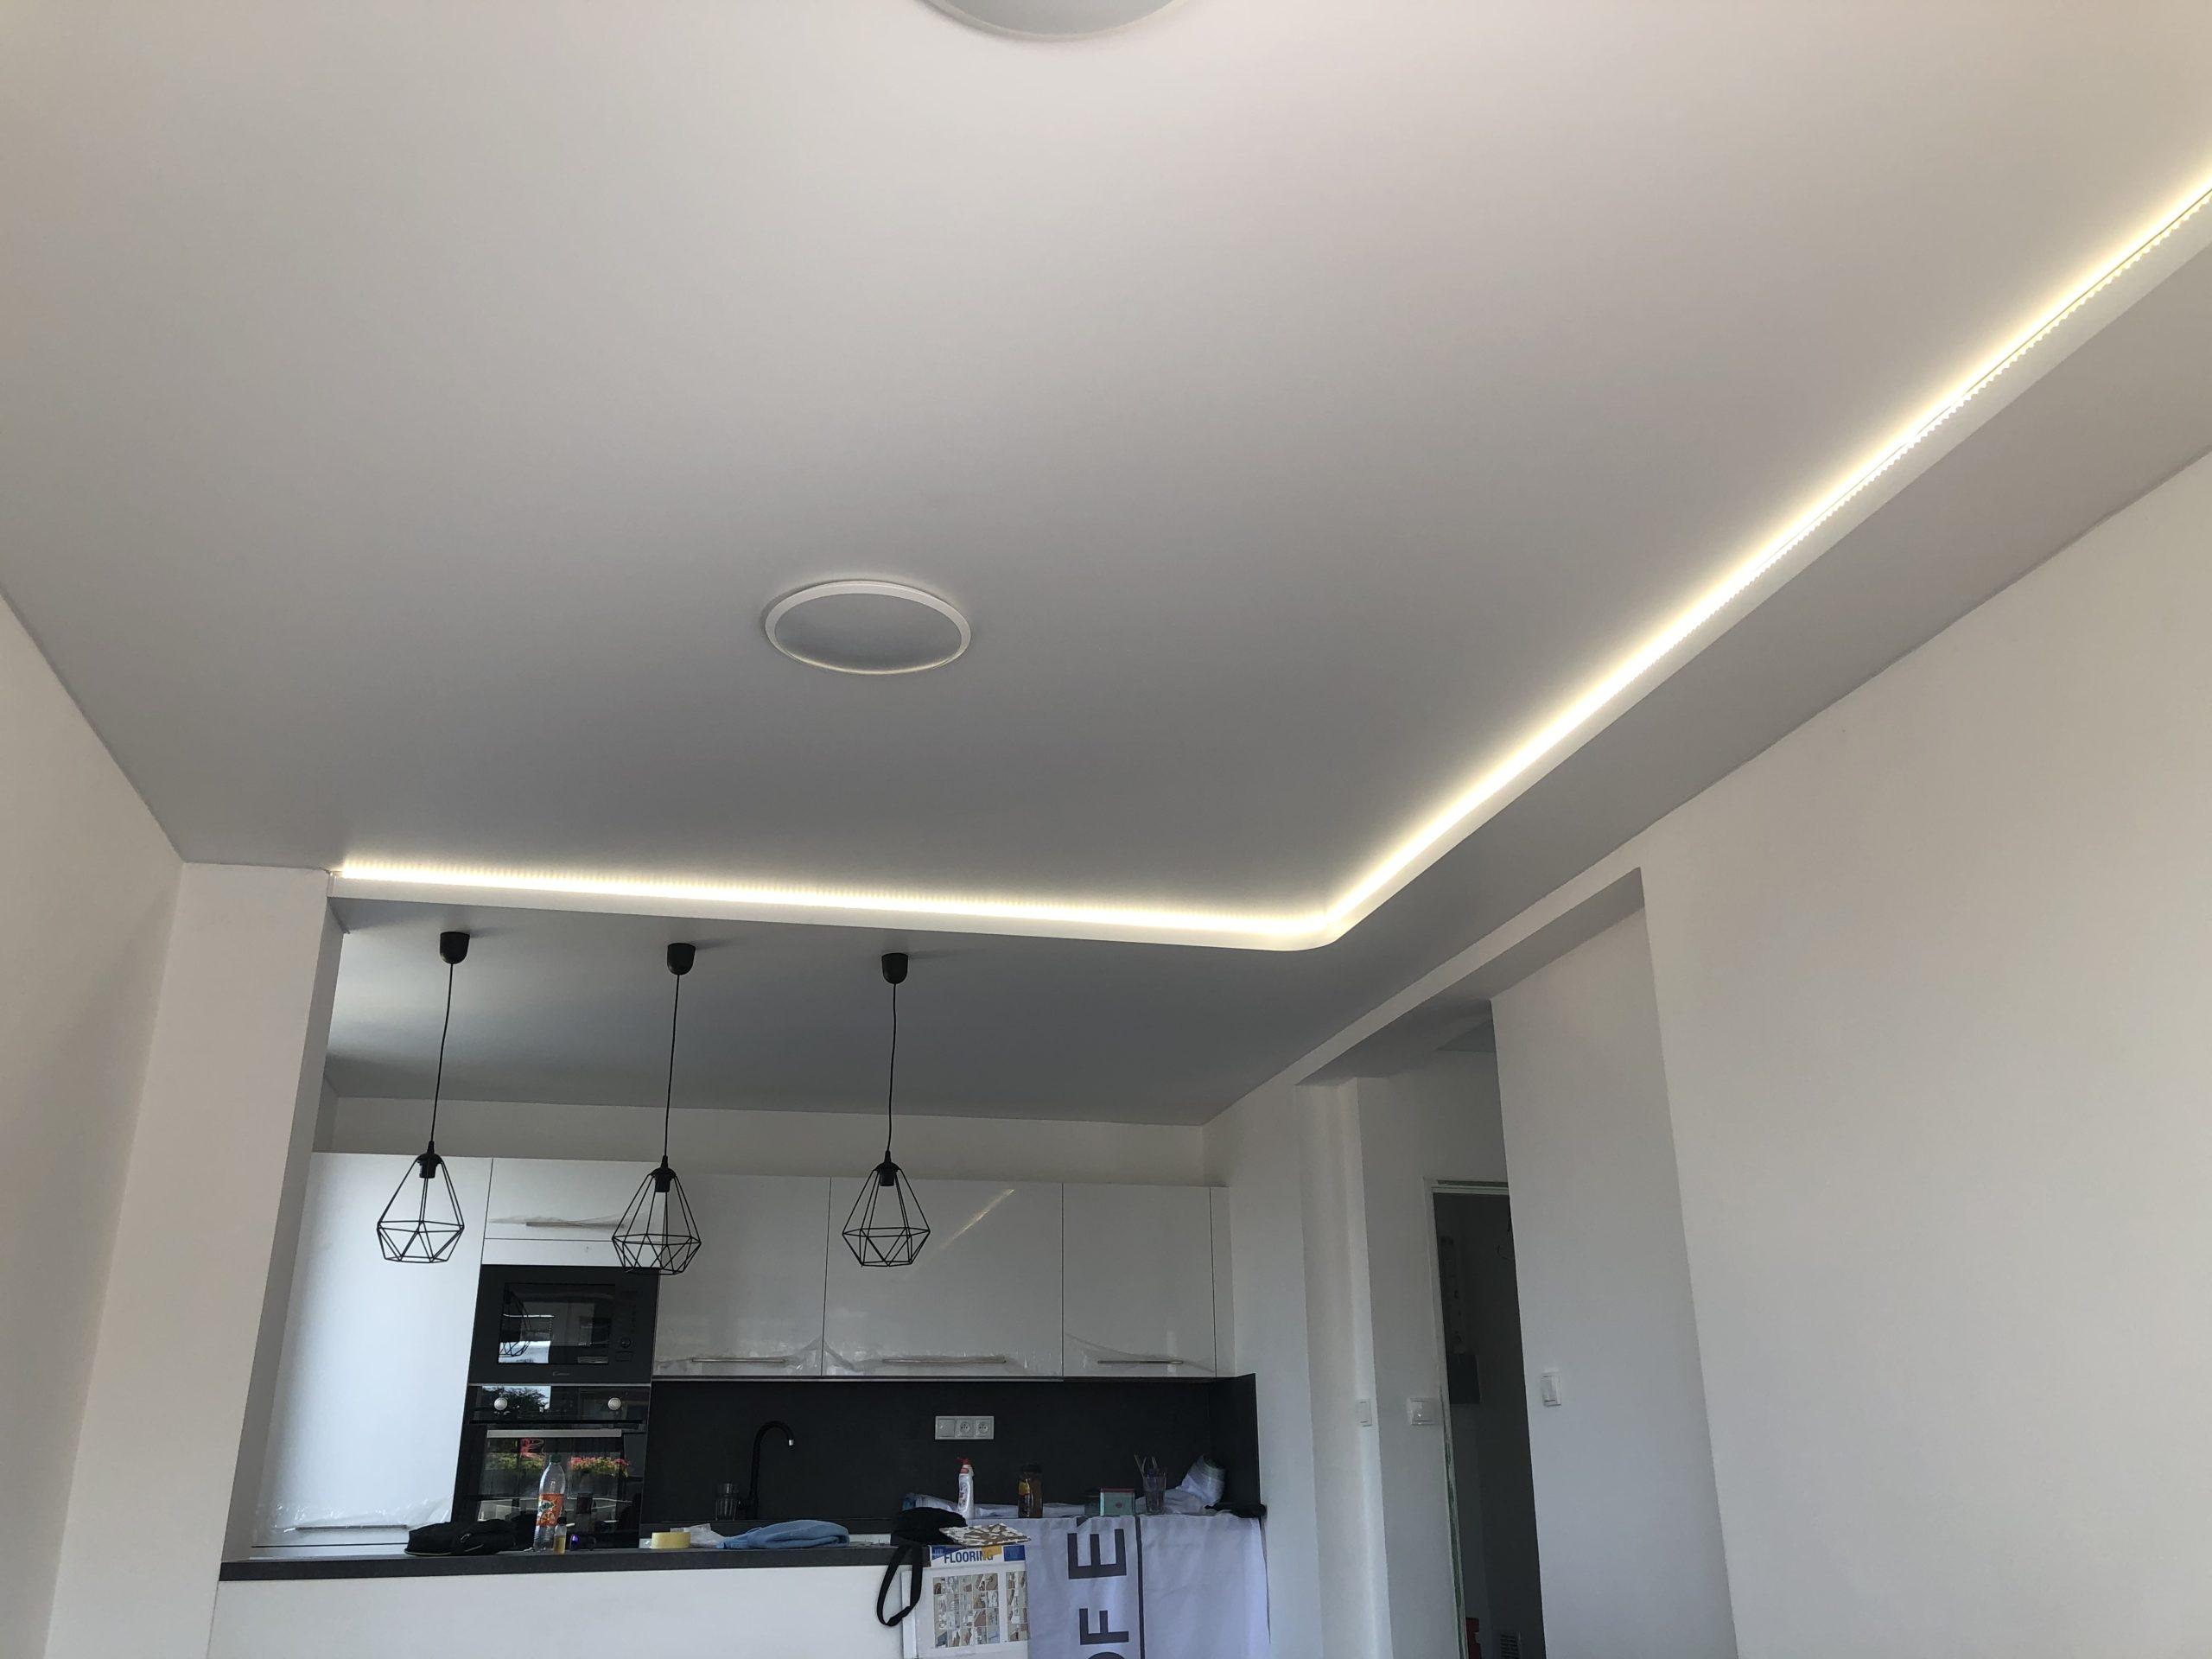 Foliové stropy osvětlení